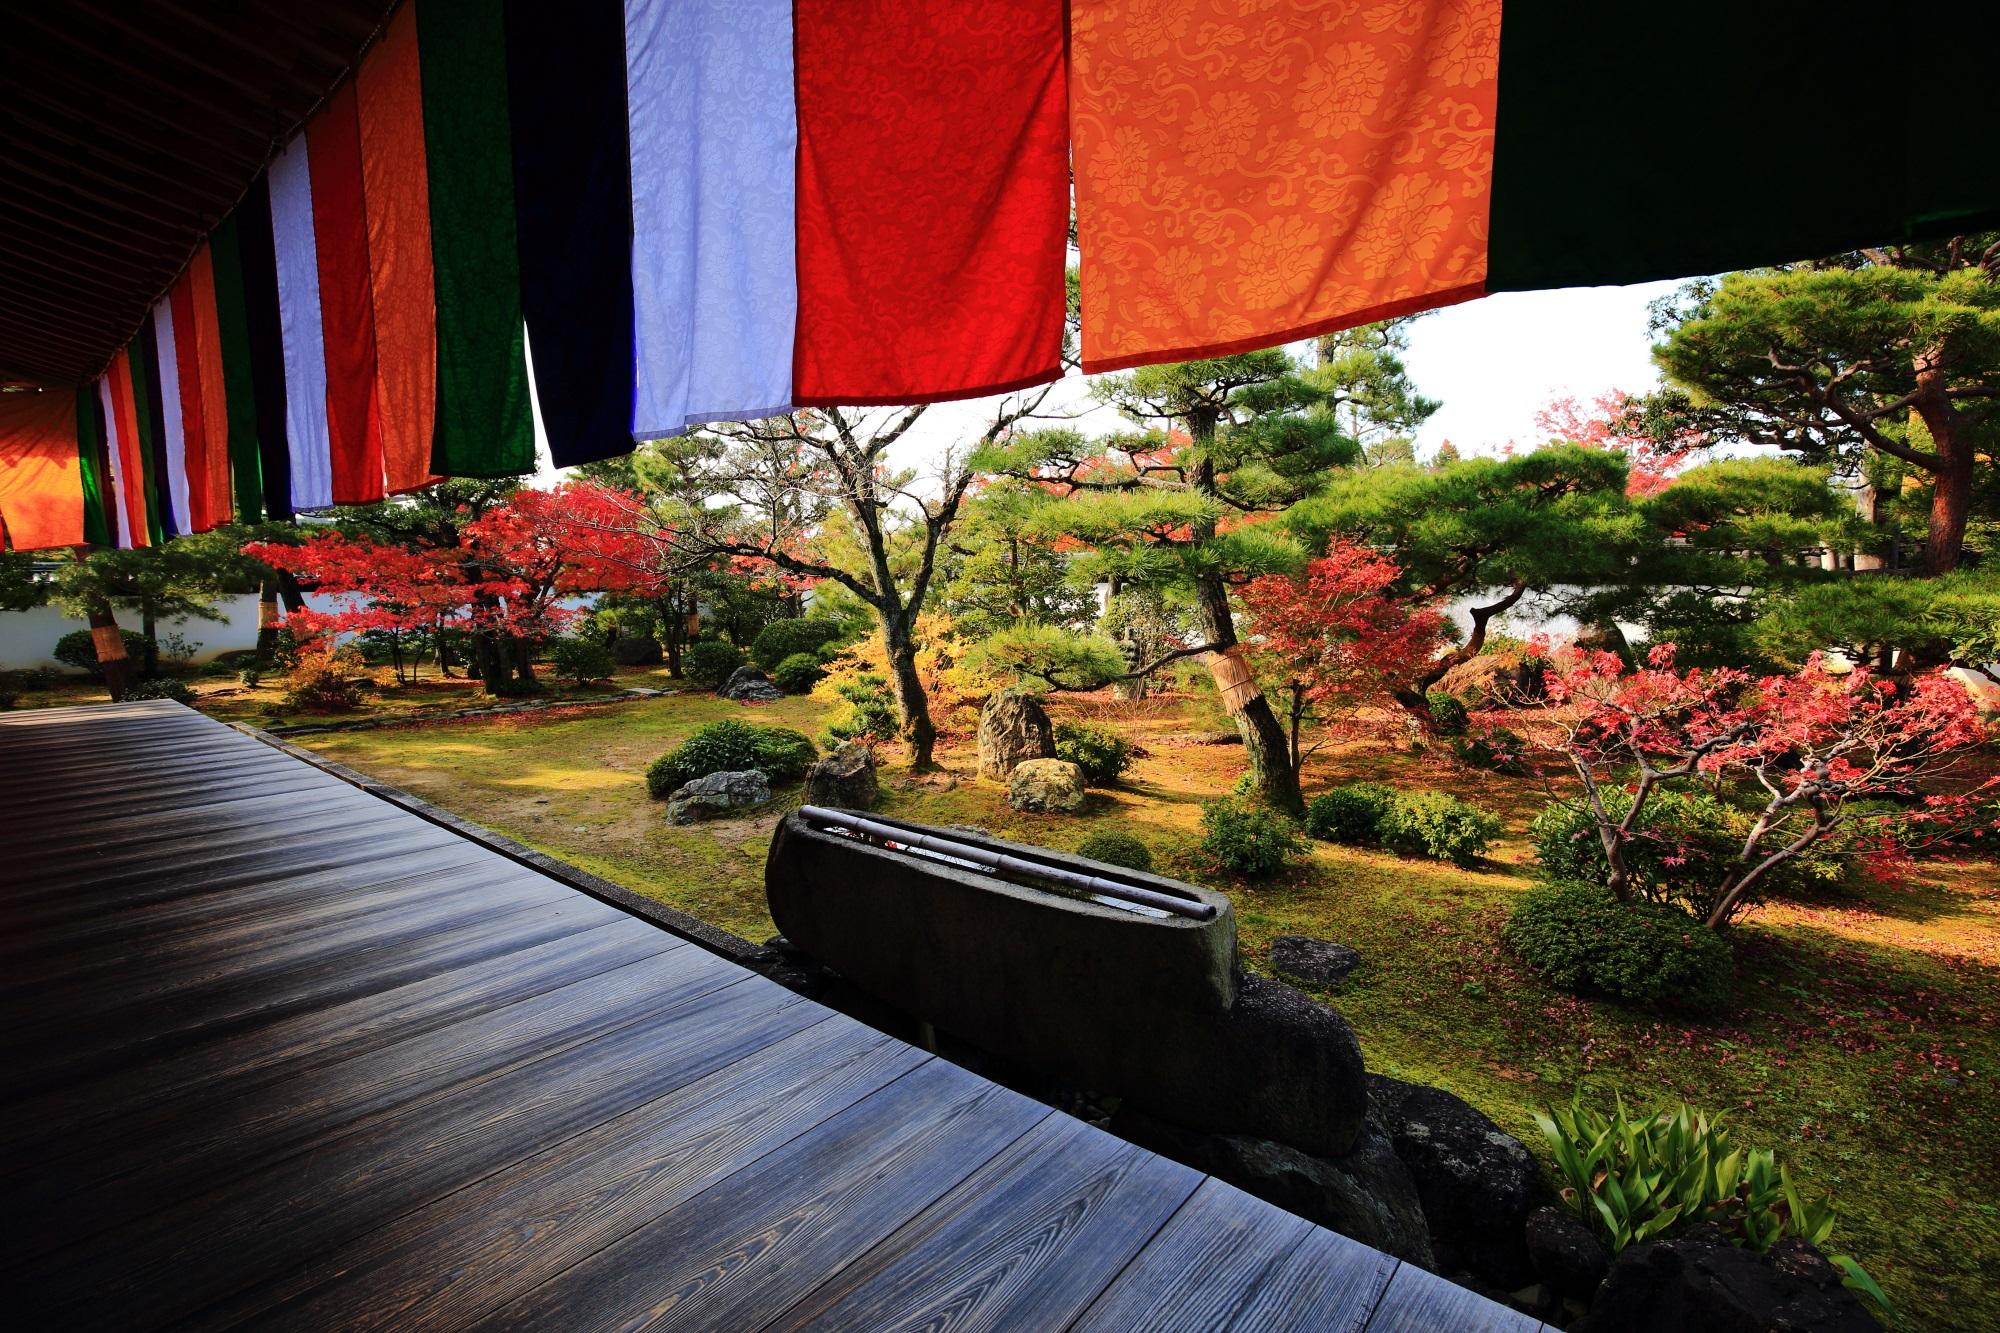 秋風に揺らめく仏旗の下に広がる多彩な秋の庭園